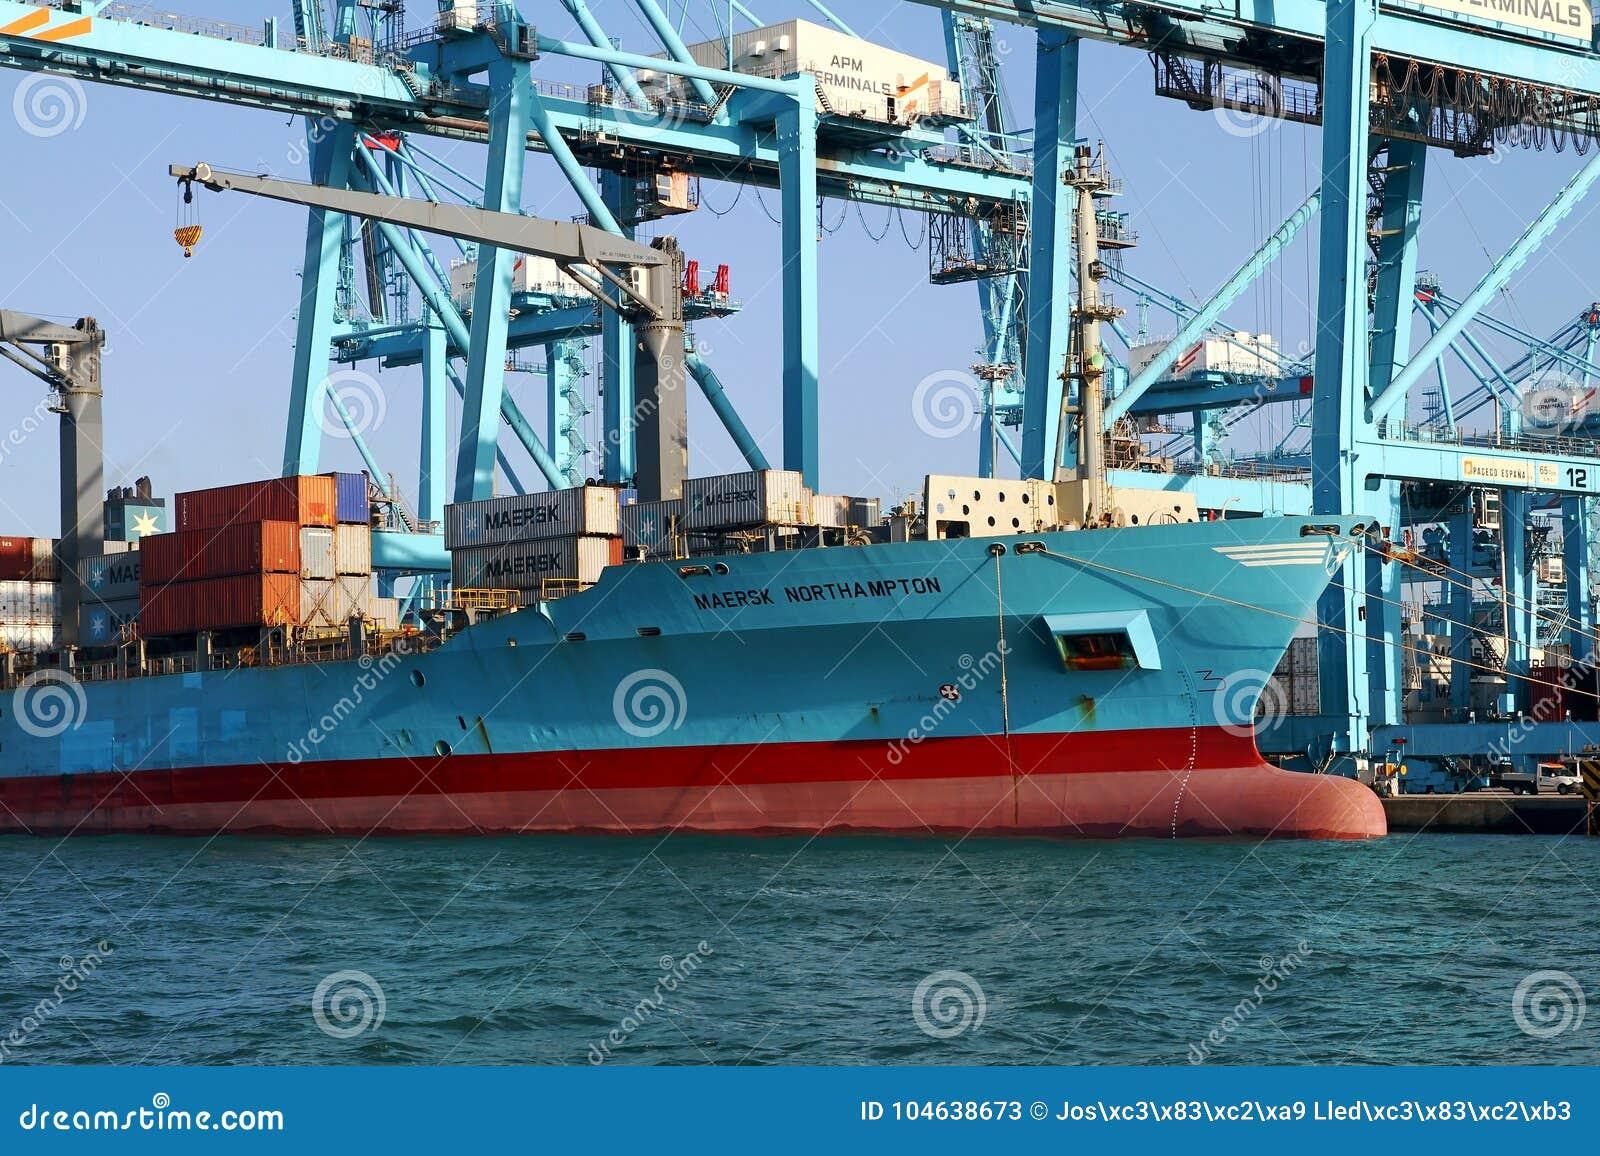 Download Containerschip Maersk Die Northampton Met Containerskranen Werken Redactionele Stock Foto - Afbeelding bestaande uit overzees, industrieel: 104638673